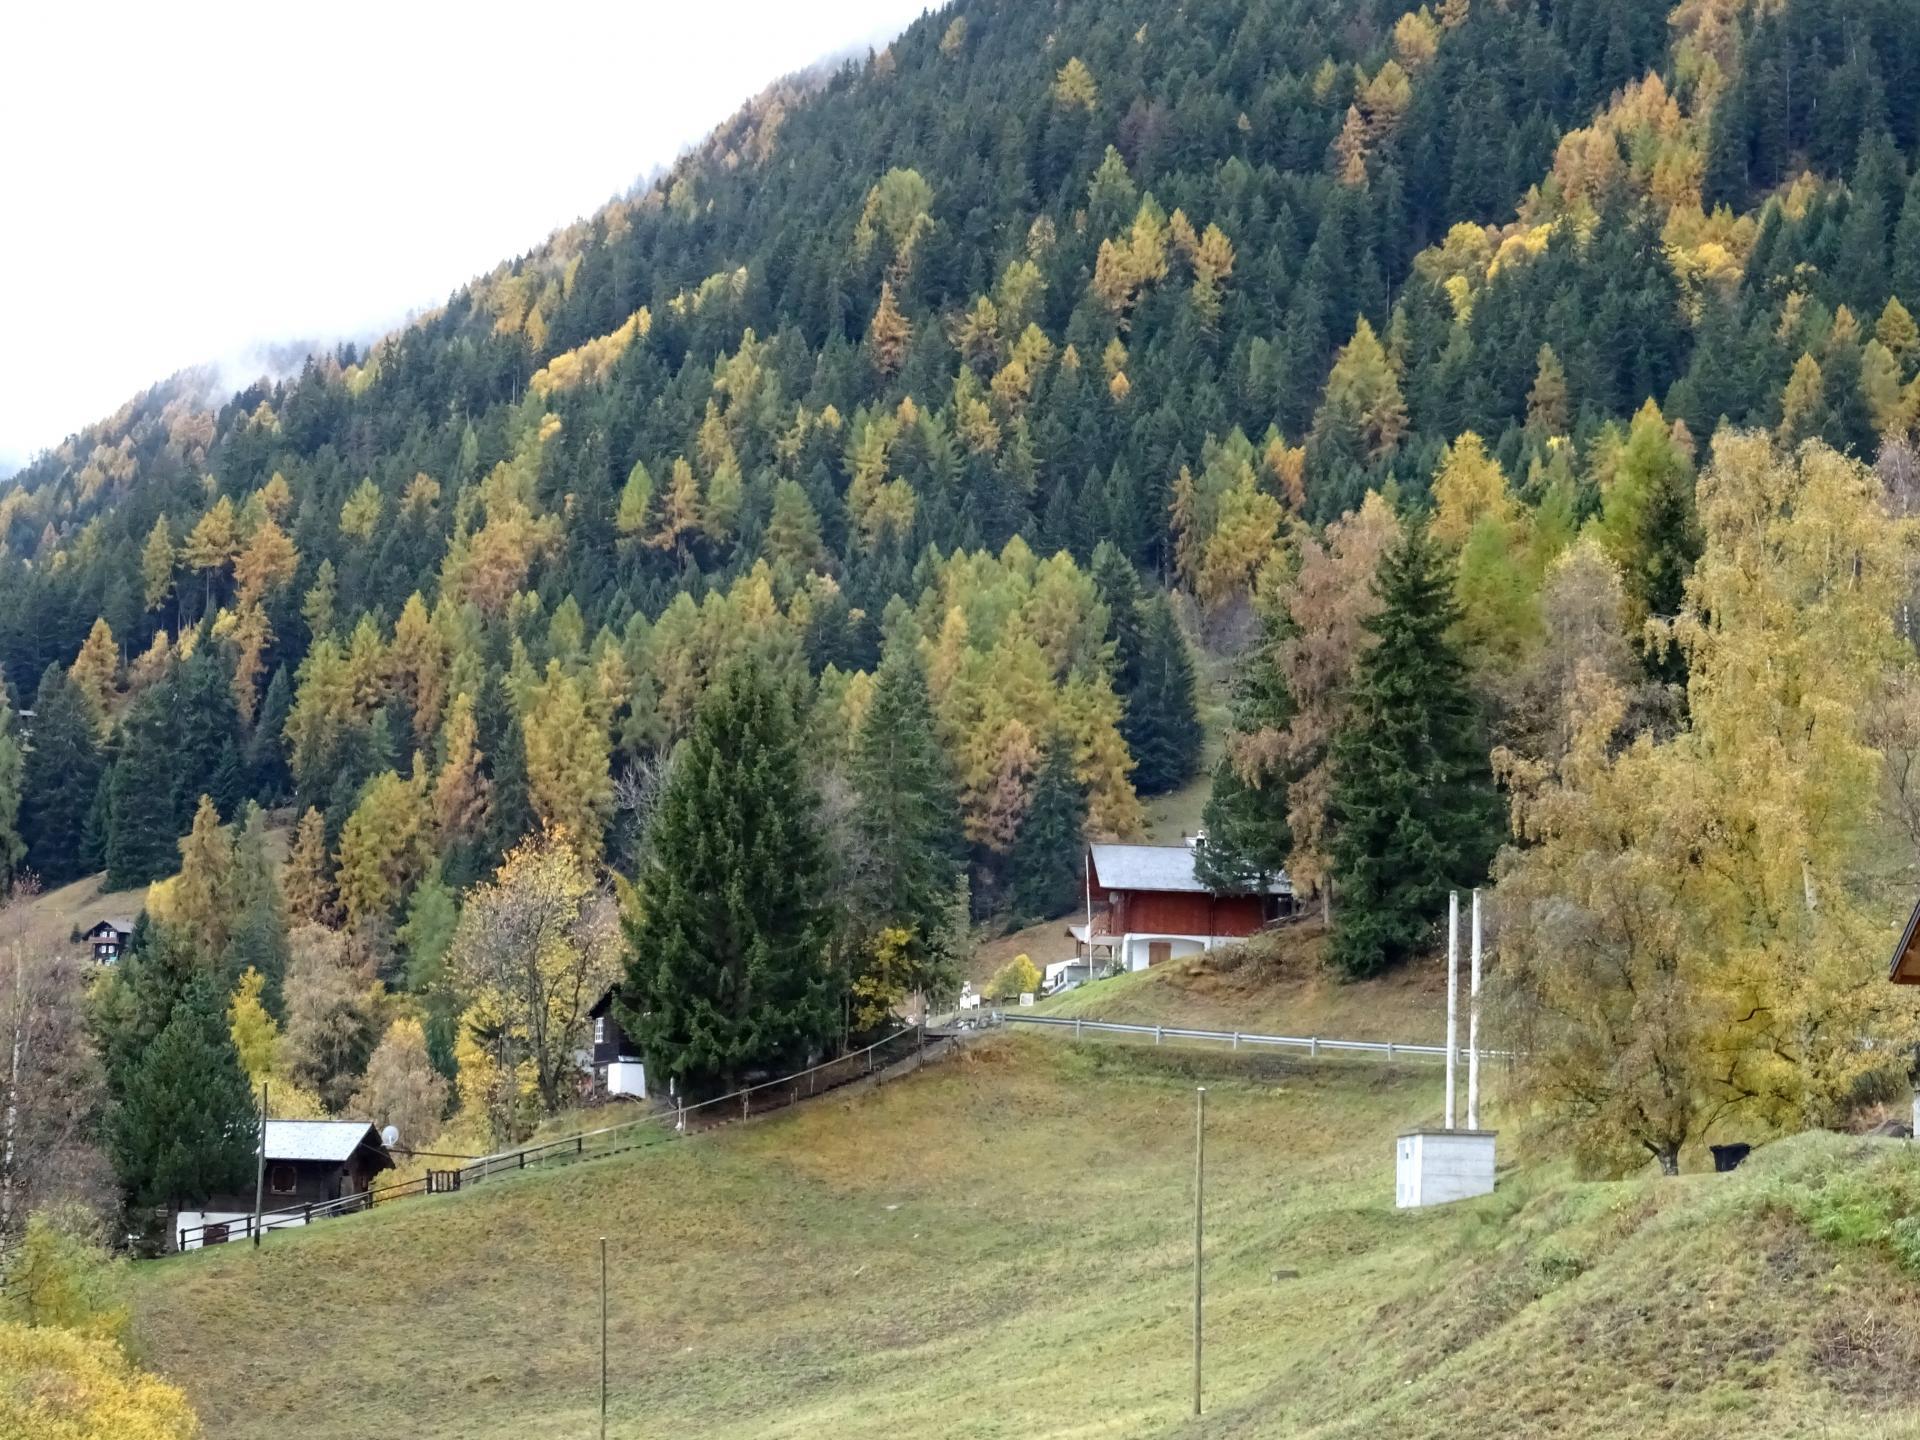 Bleusy en automne